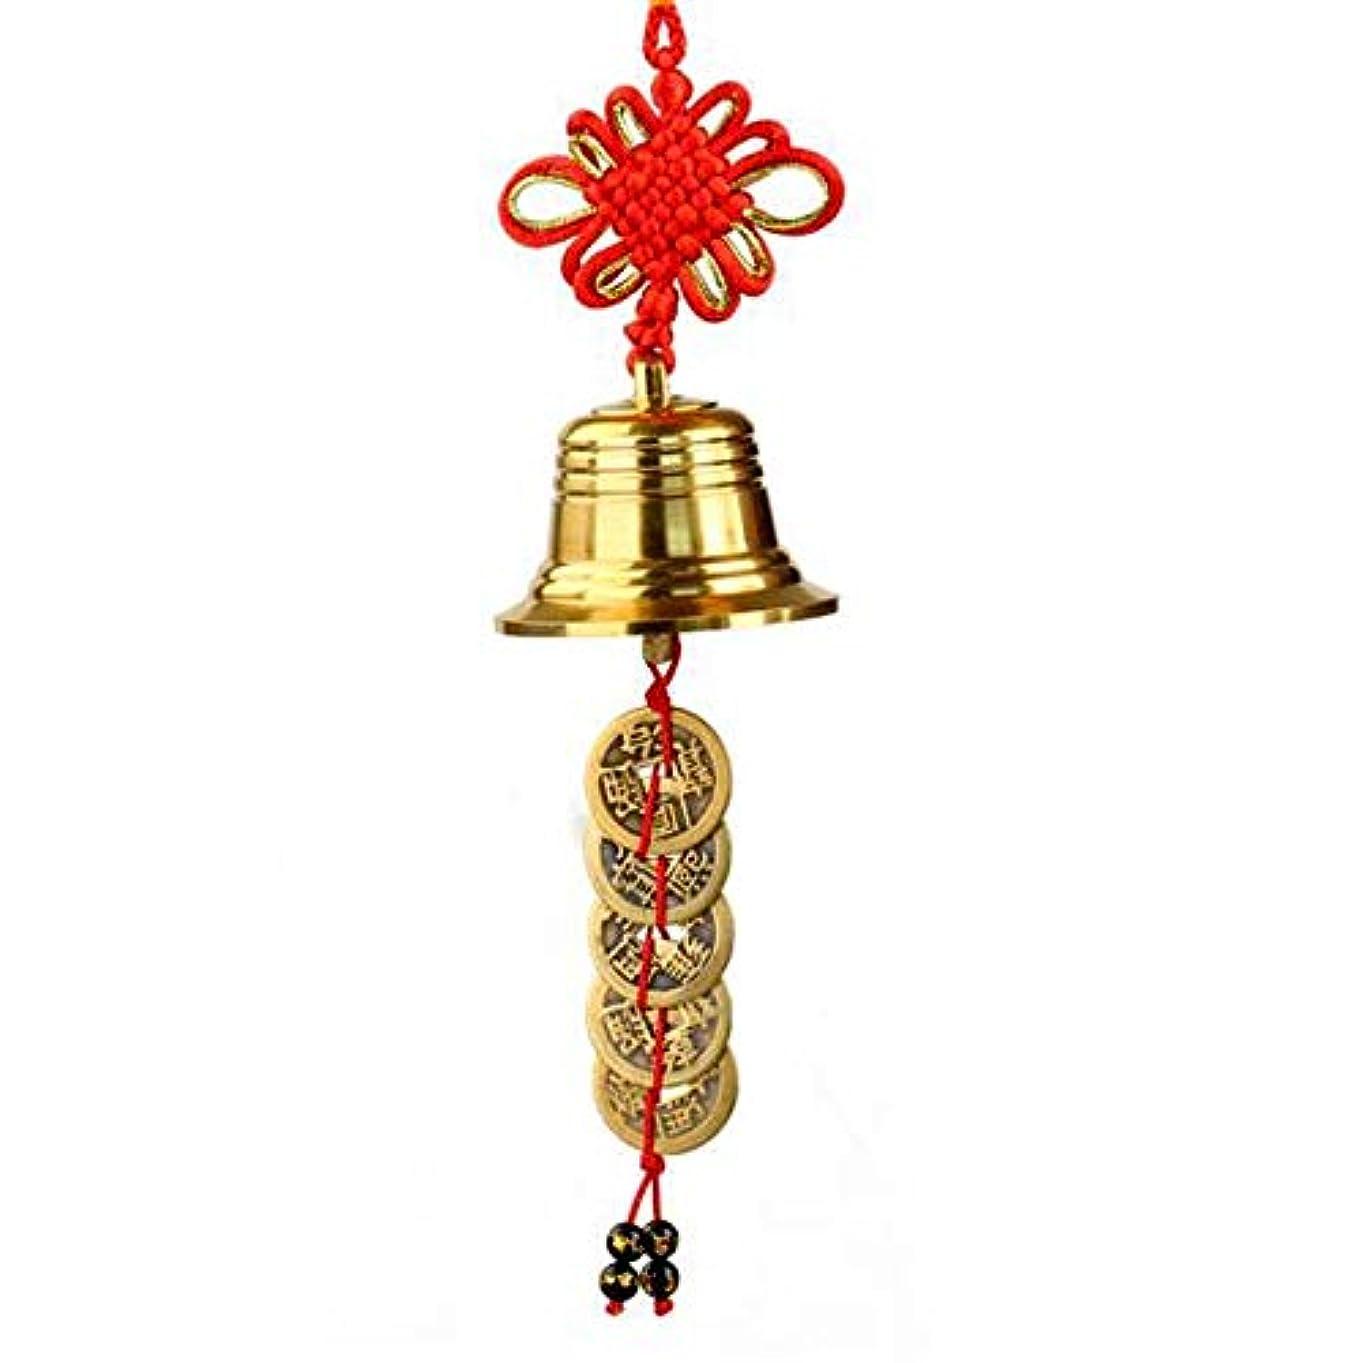 木製望ましい労苦Jingfengtongxun 風チャイム、中国のノット銅ベルホームデコレーション、ゴールド、サイズ28センチメートル,スタイリッシュなホリデーギフト (Size : 28*5cm)